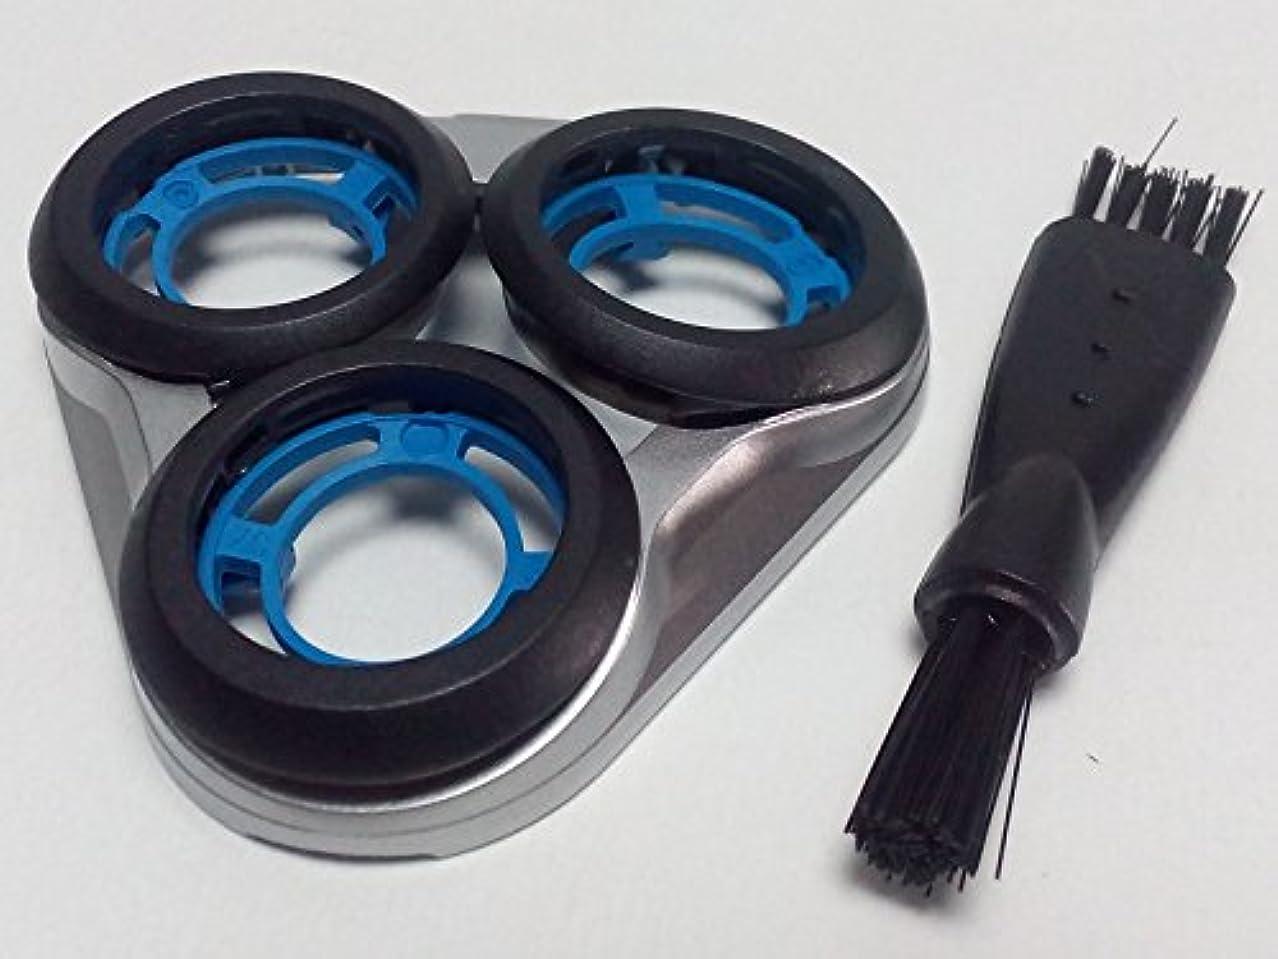 放課後モバイルピジンシェービングカミソリヘッドフレームホルダーカバー フィリップス Philips S5000 Series:S5570 S5560 S5380 S5370 S5230 S5210 S5130 S5130/06 シルバー Shaver Razor Head Frame Holder Cover